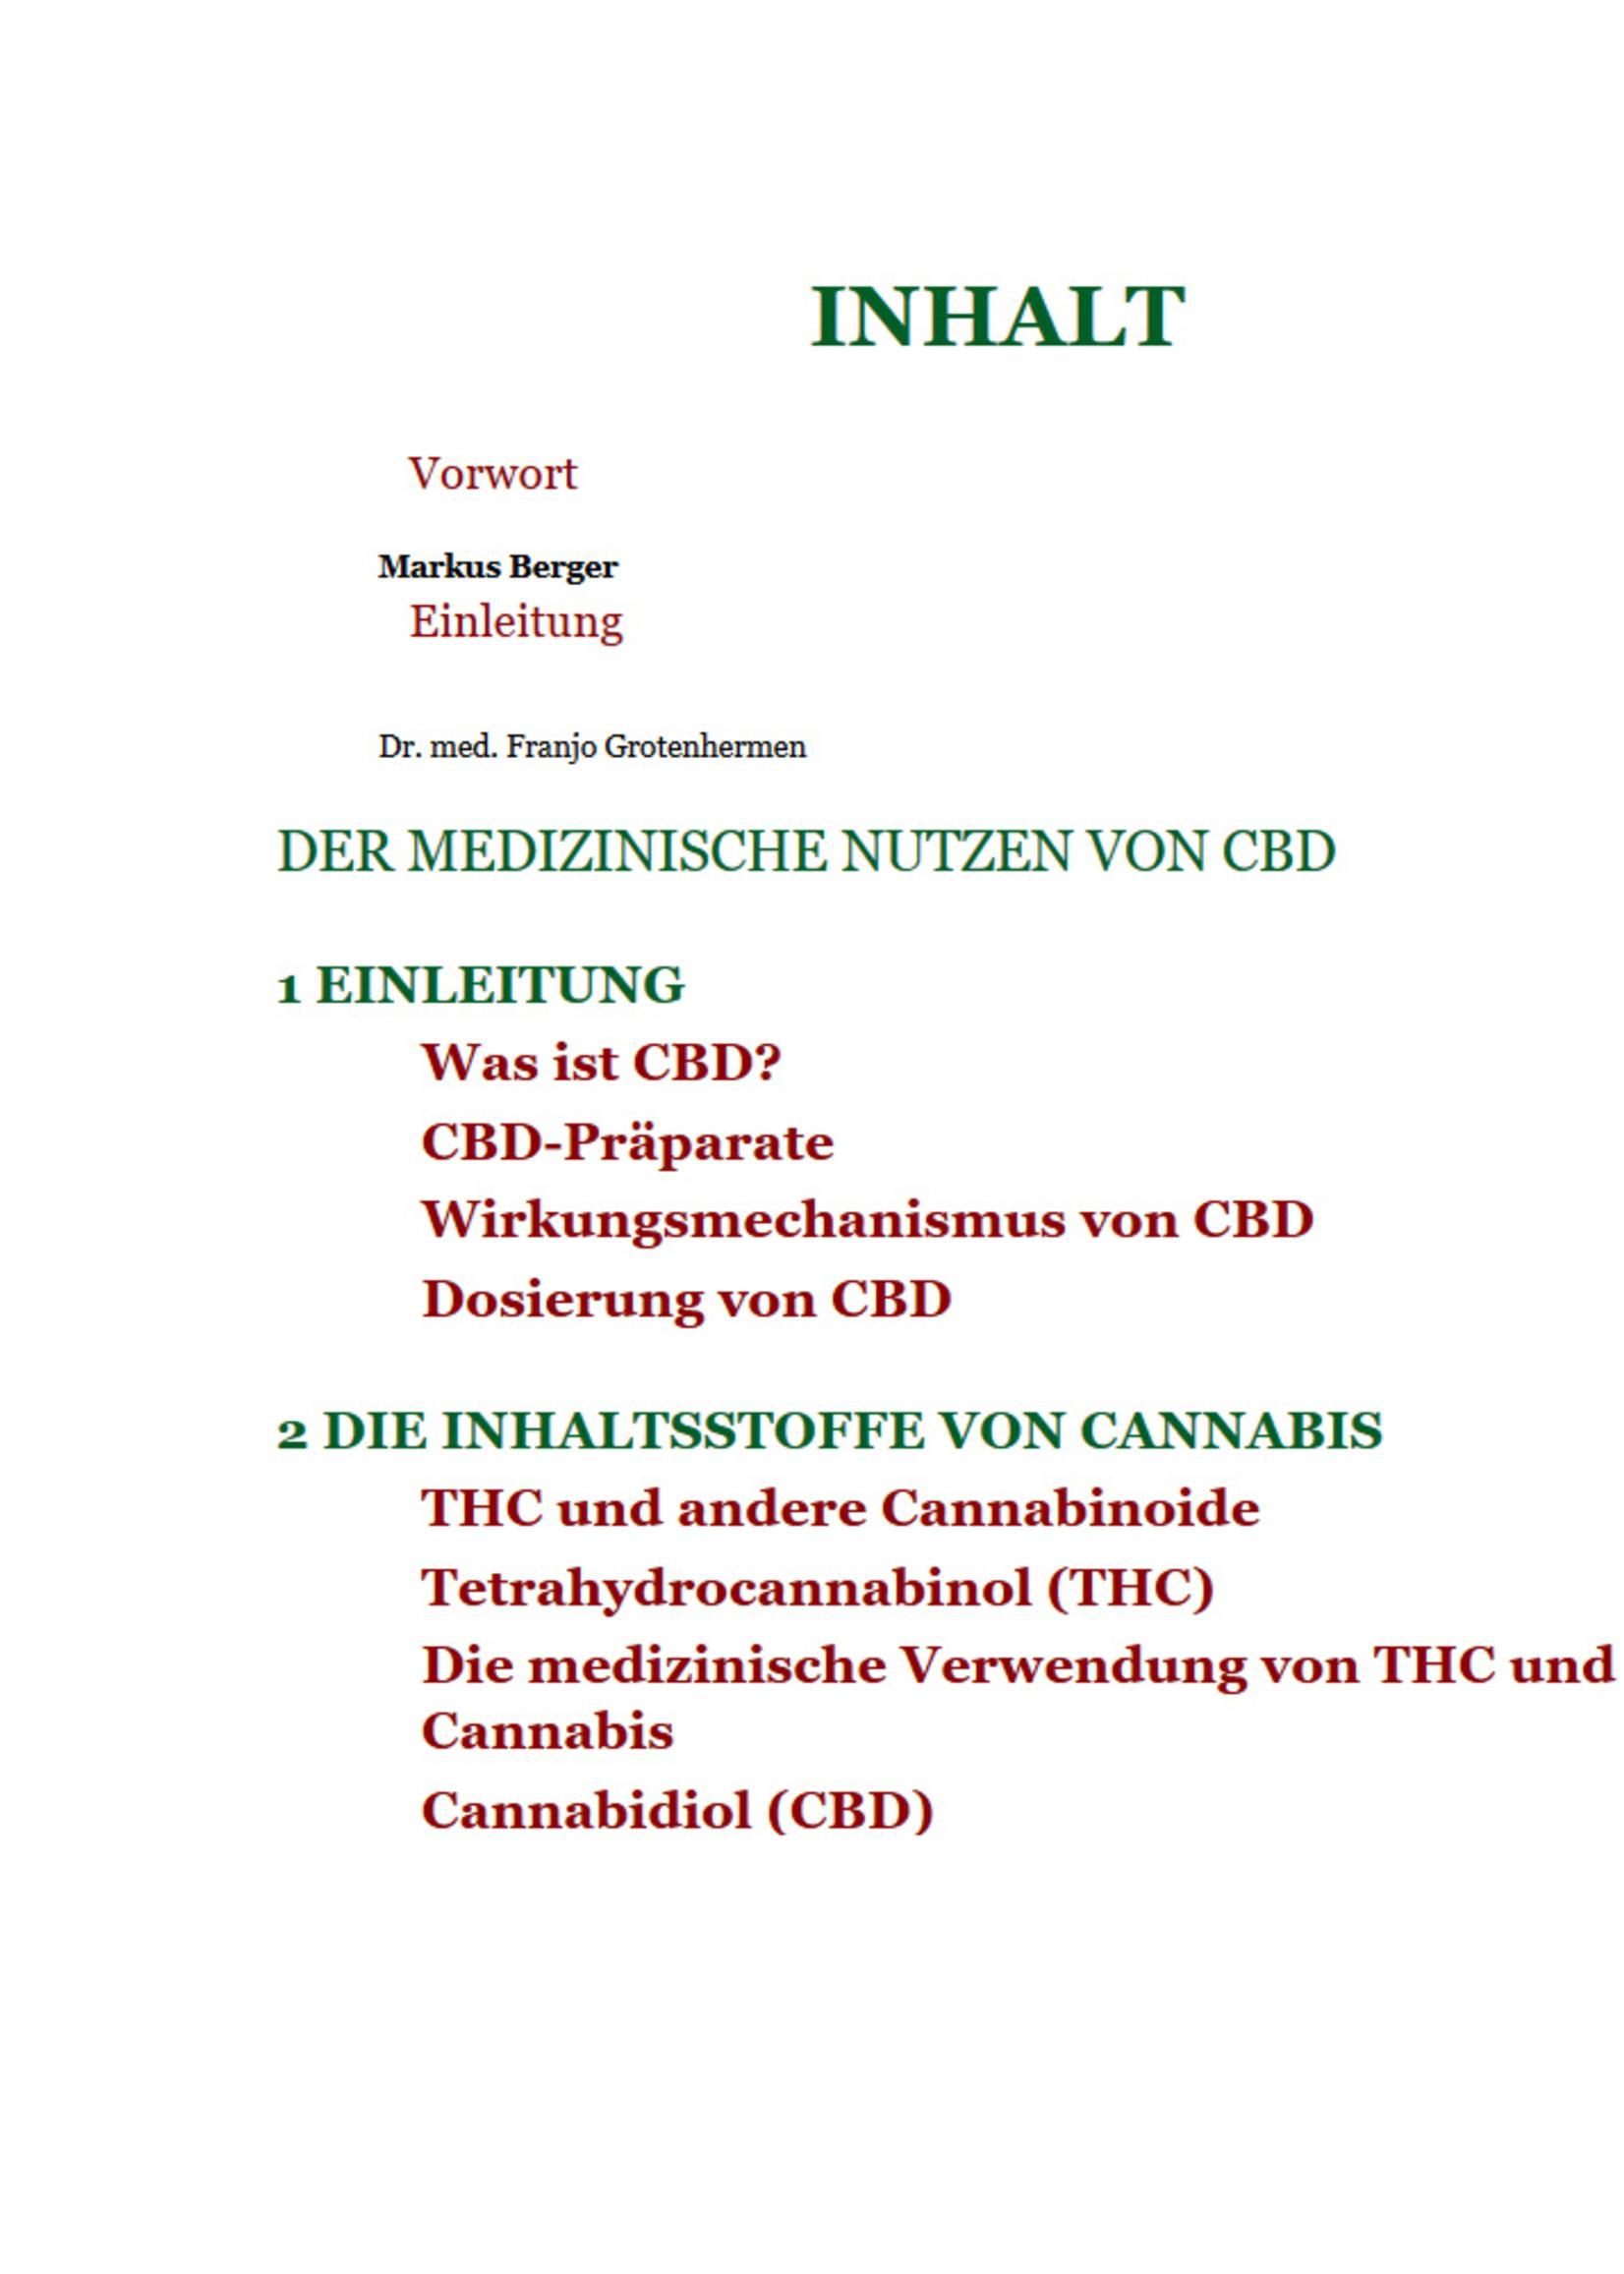 Dr. med Franjo Grotenhermen, Cannabidiol CBD